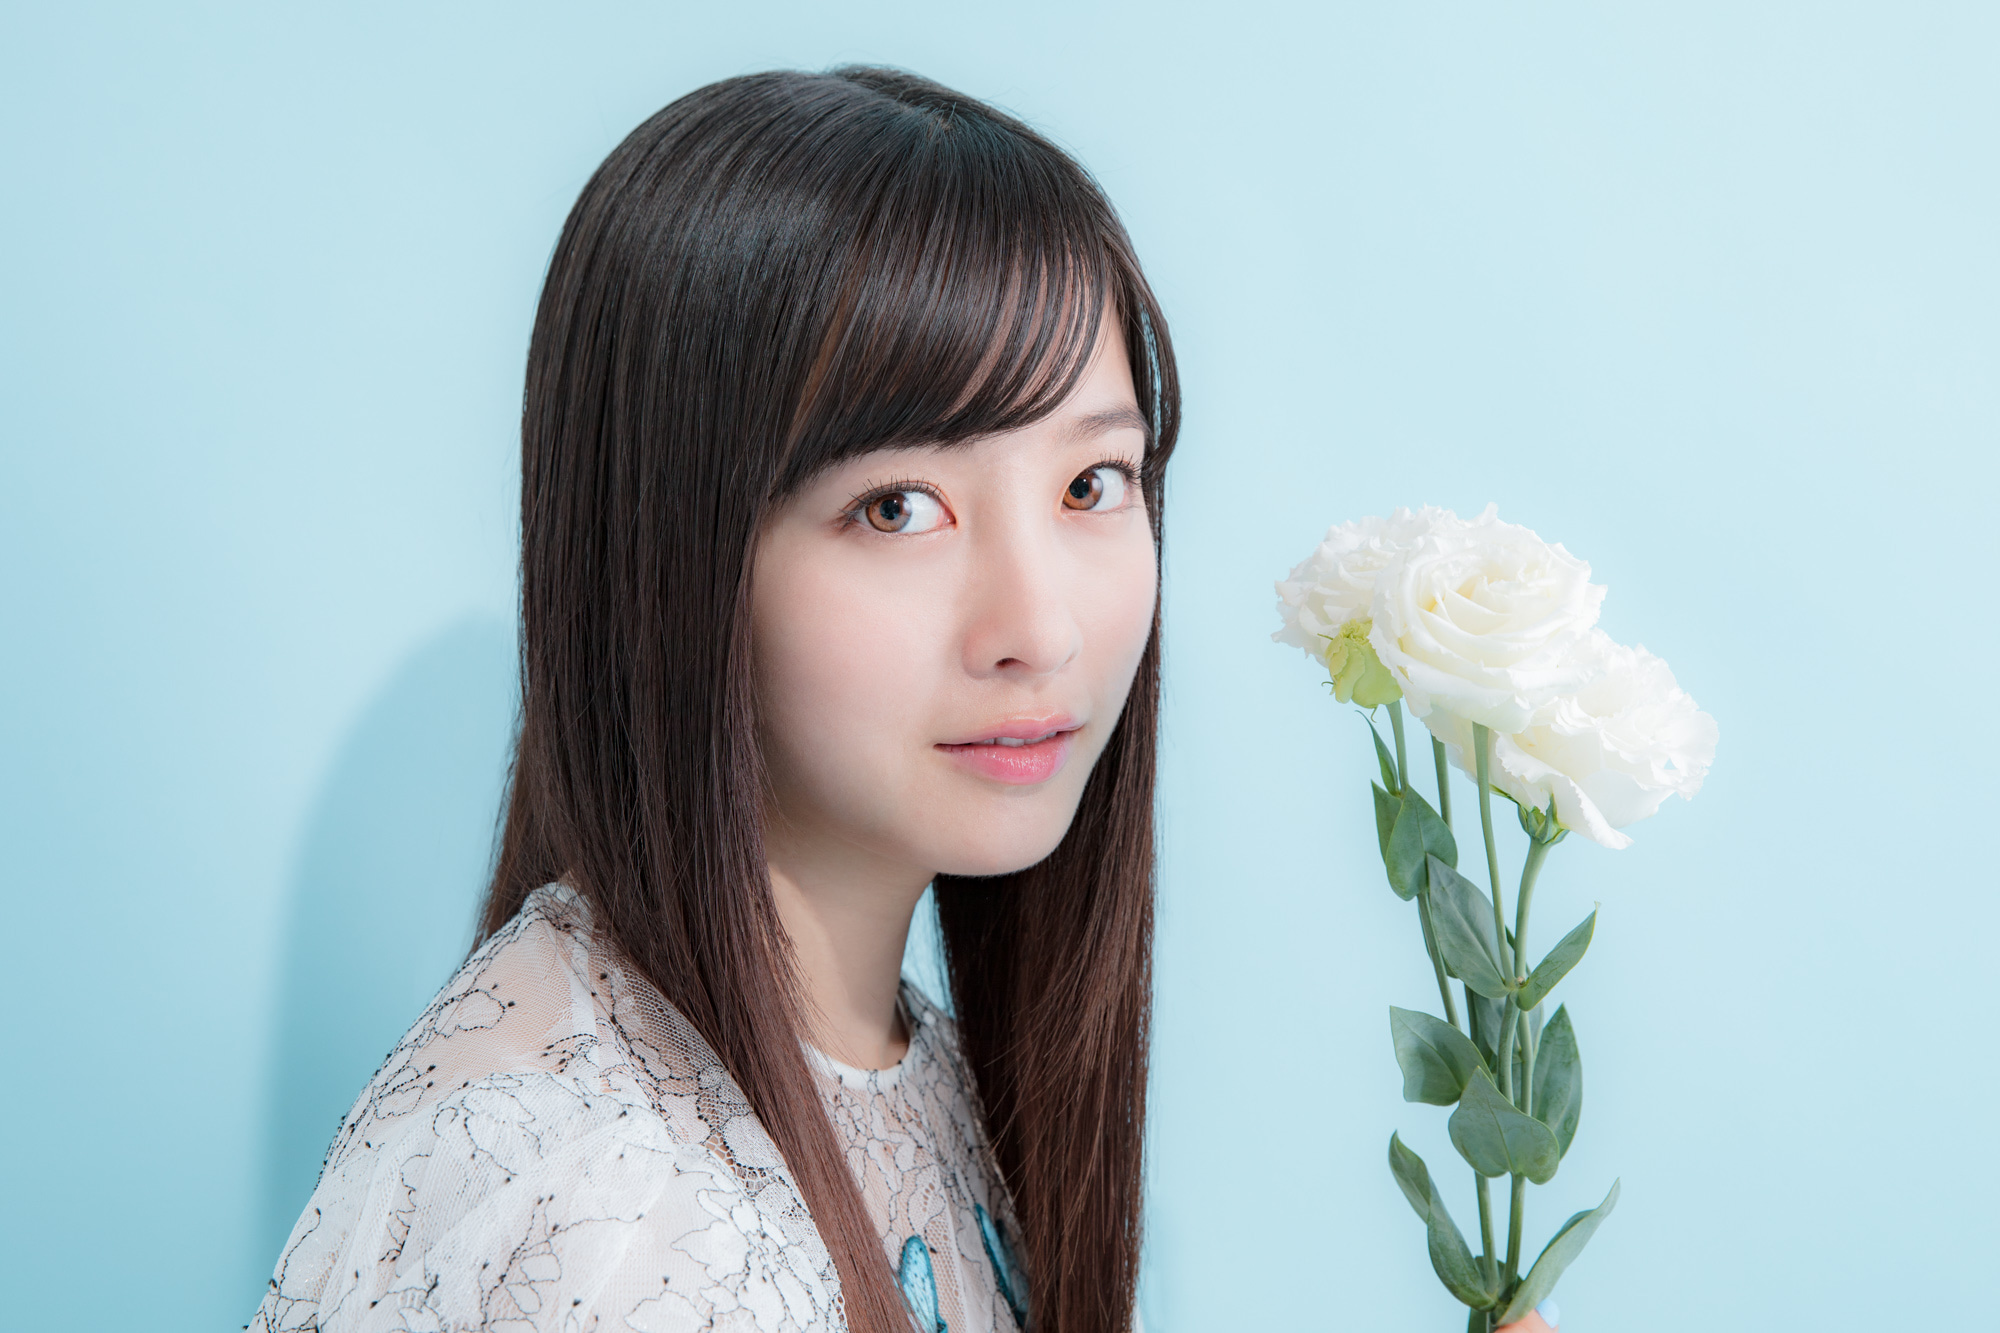 橋本環奈 2020 薔薇 2 済み